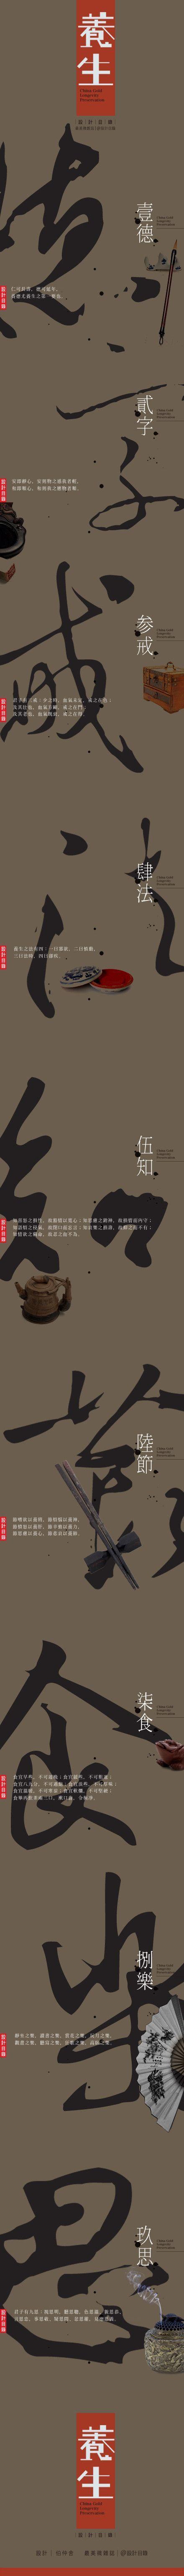 设计目录:國學養生 | 中國以養德為養生...